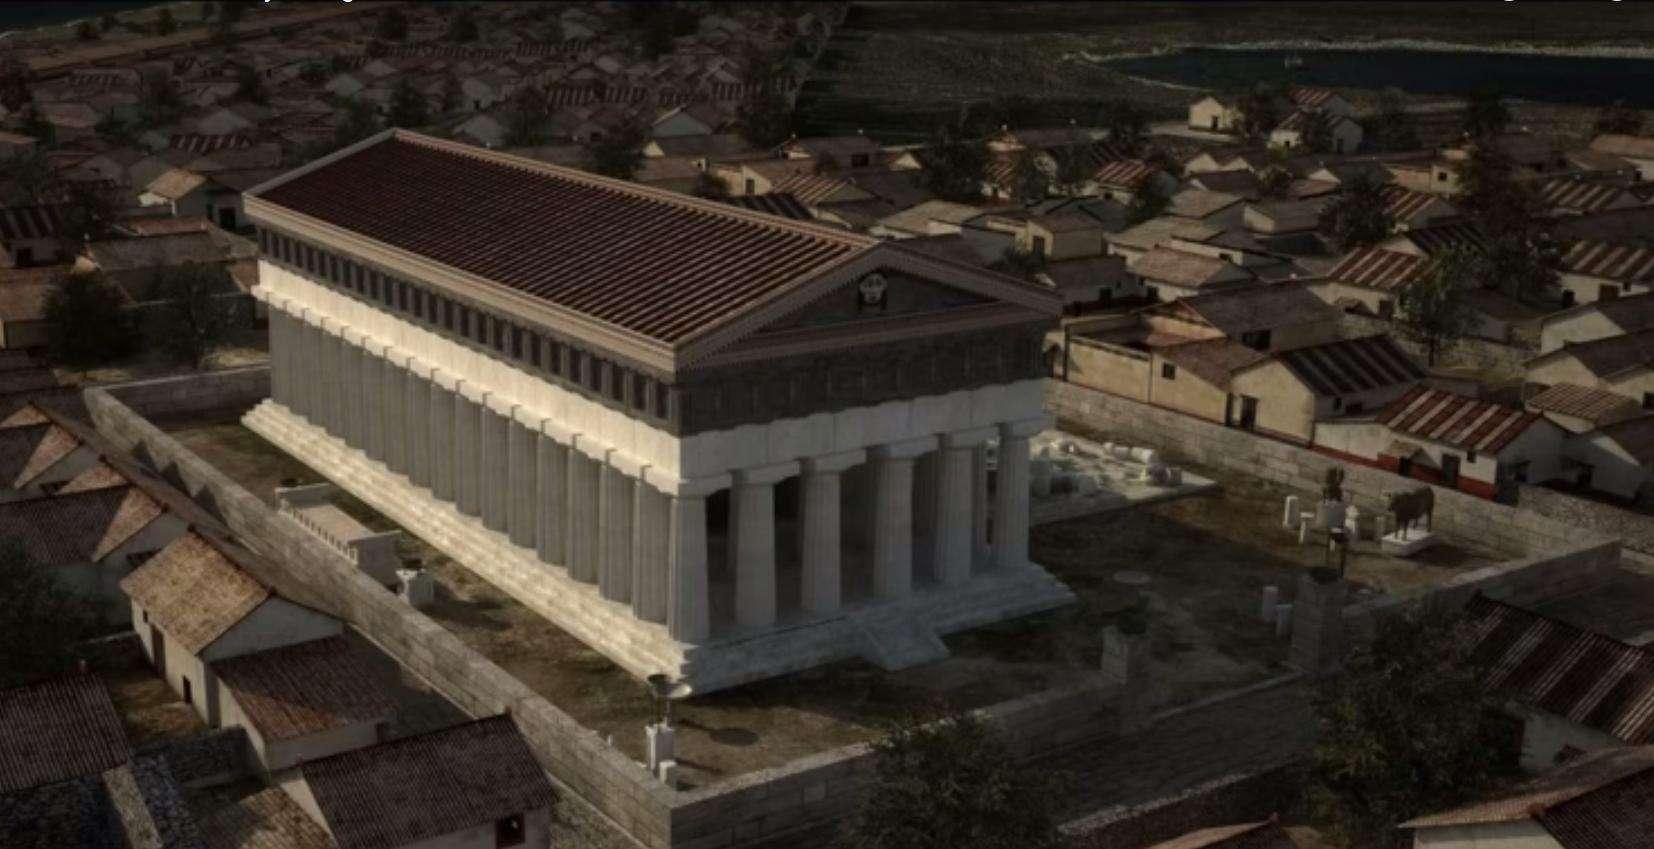 Ψηφιακή αναπαράσταση των αρχαίων Συρακουσών